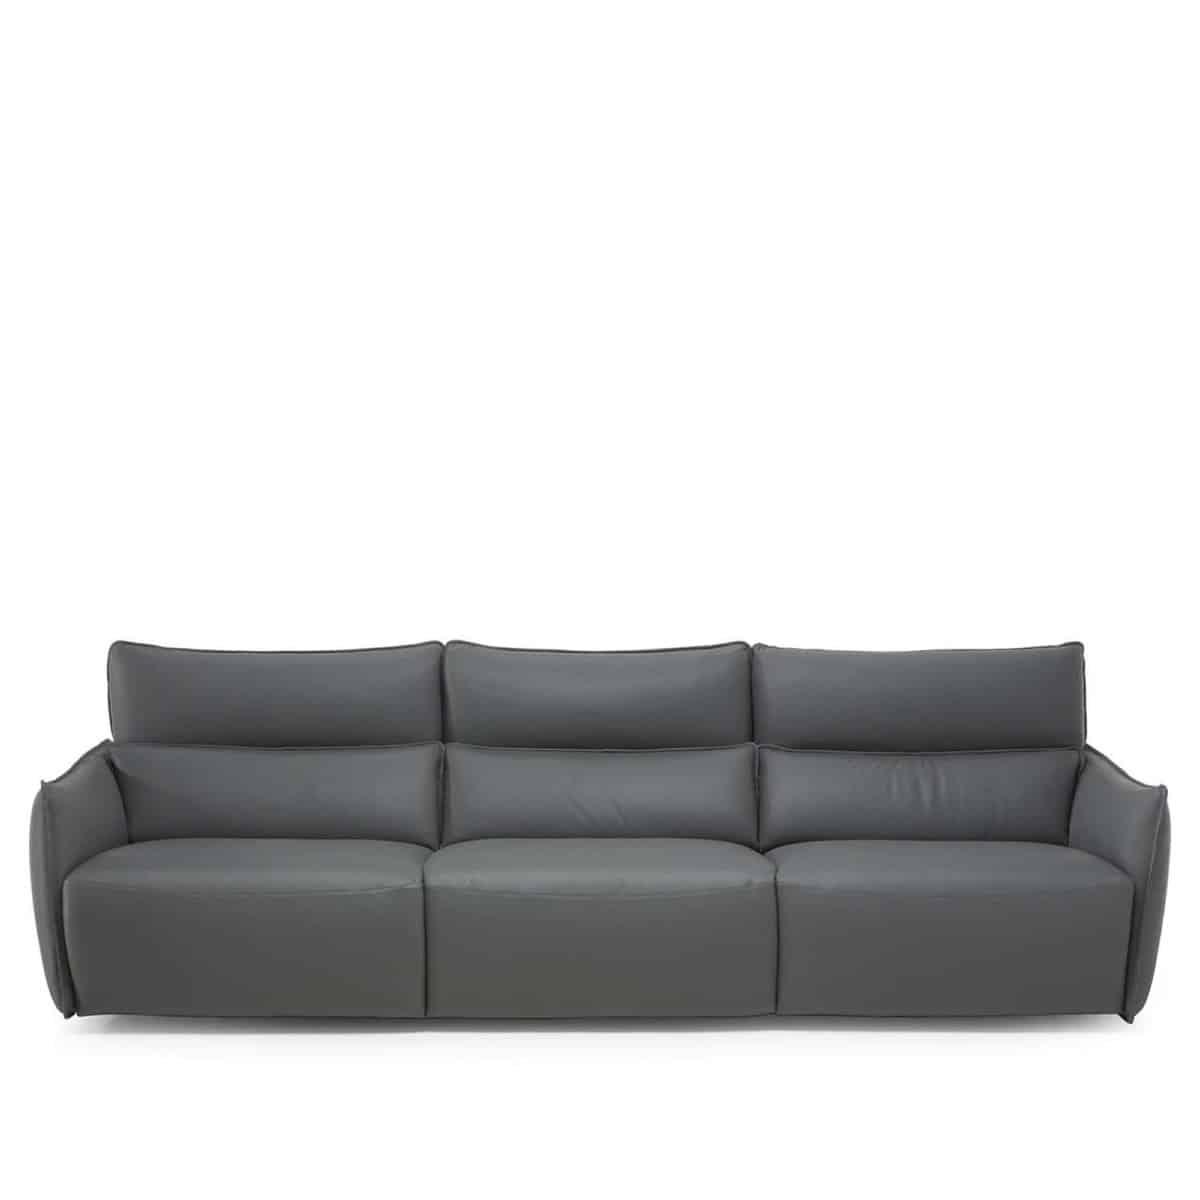 Sofa Sets Arpico